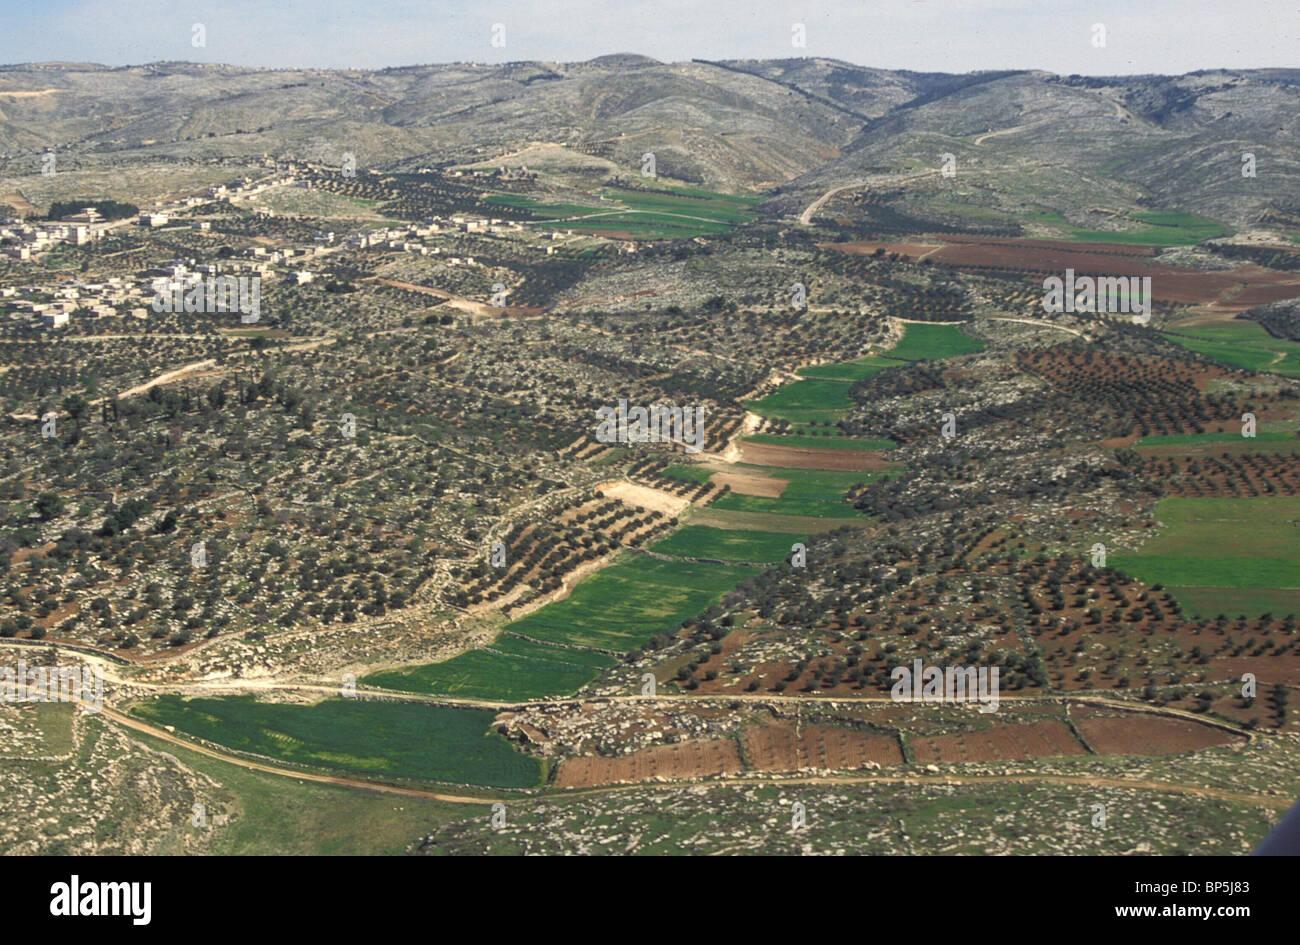 La Giudea - LA COLLINA CENTRALE PAESE VICINO MARESHA 3656 Giudea - Campagna tra BETLECHEM & HEBRON con villaggi Immagini Stock